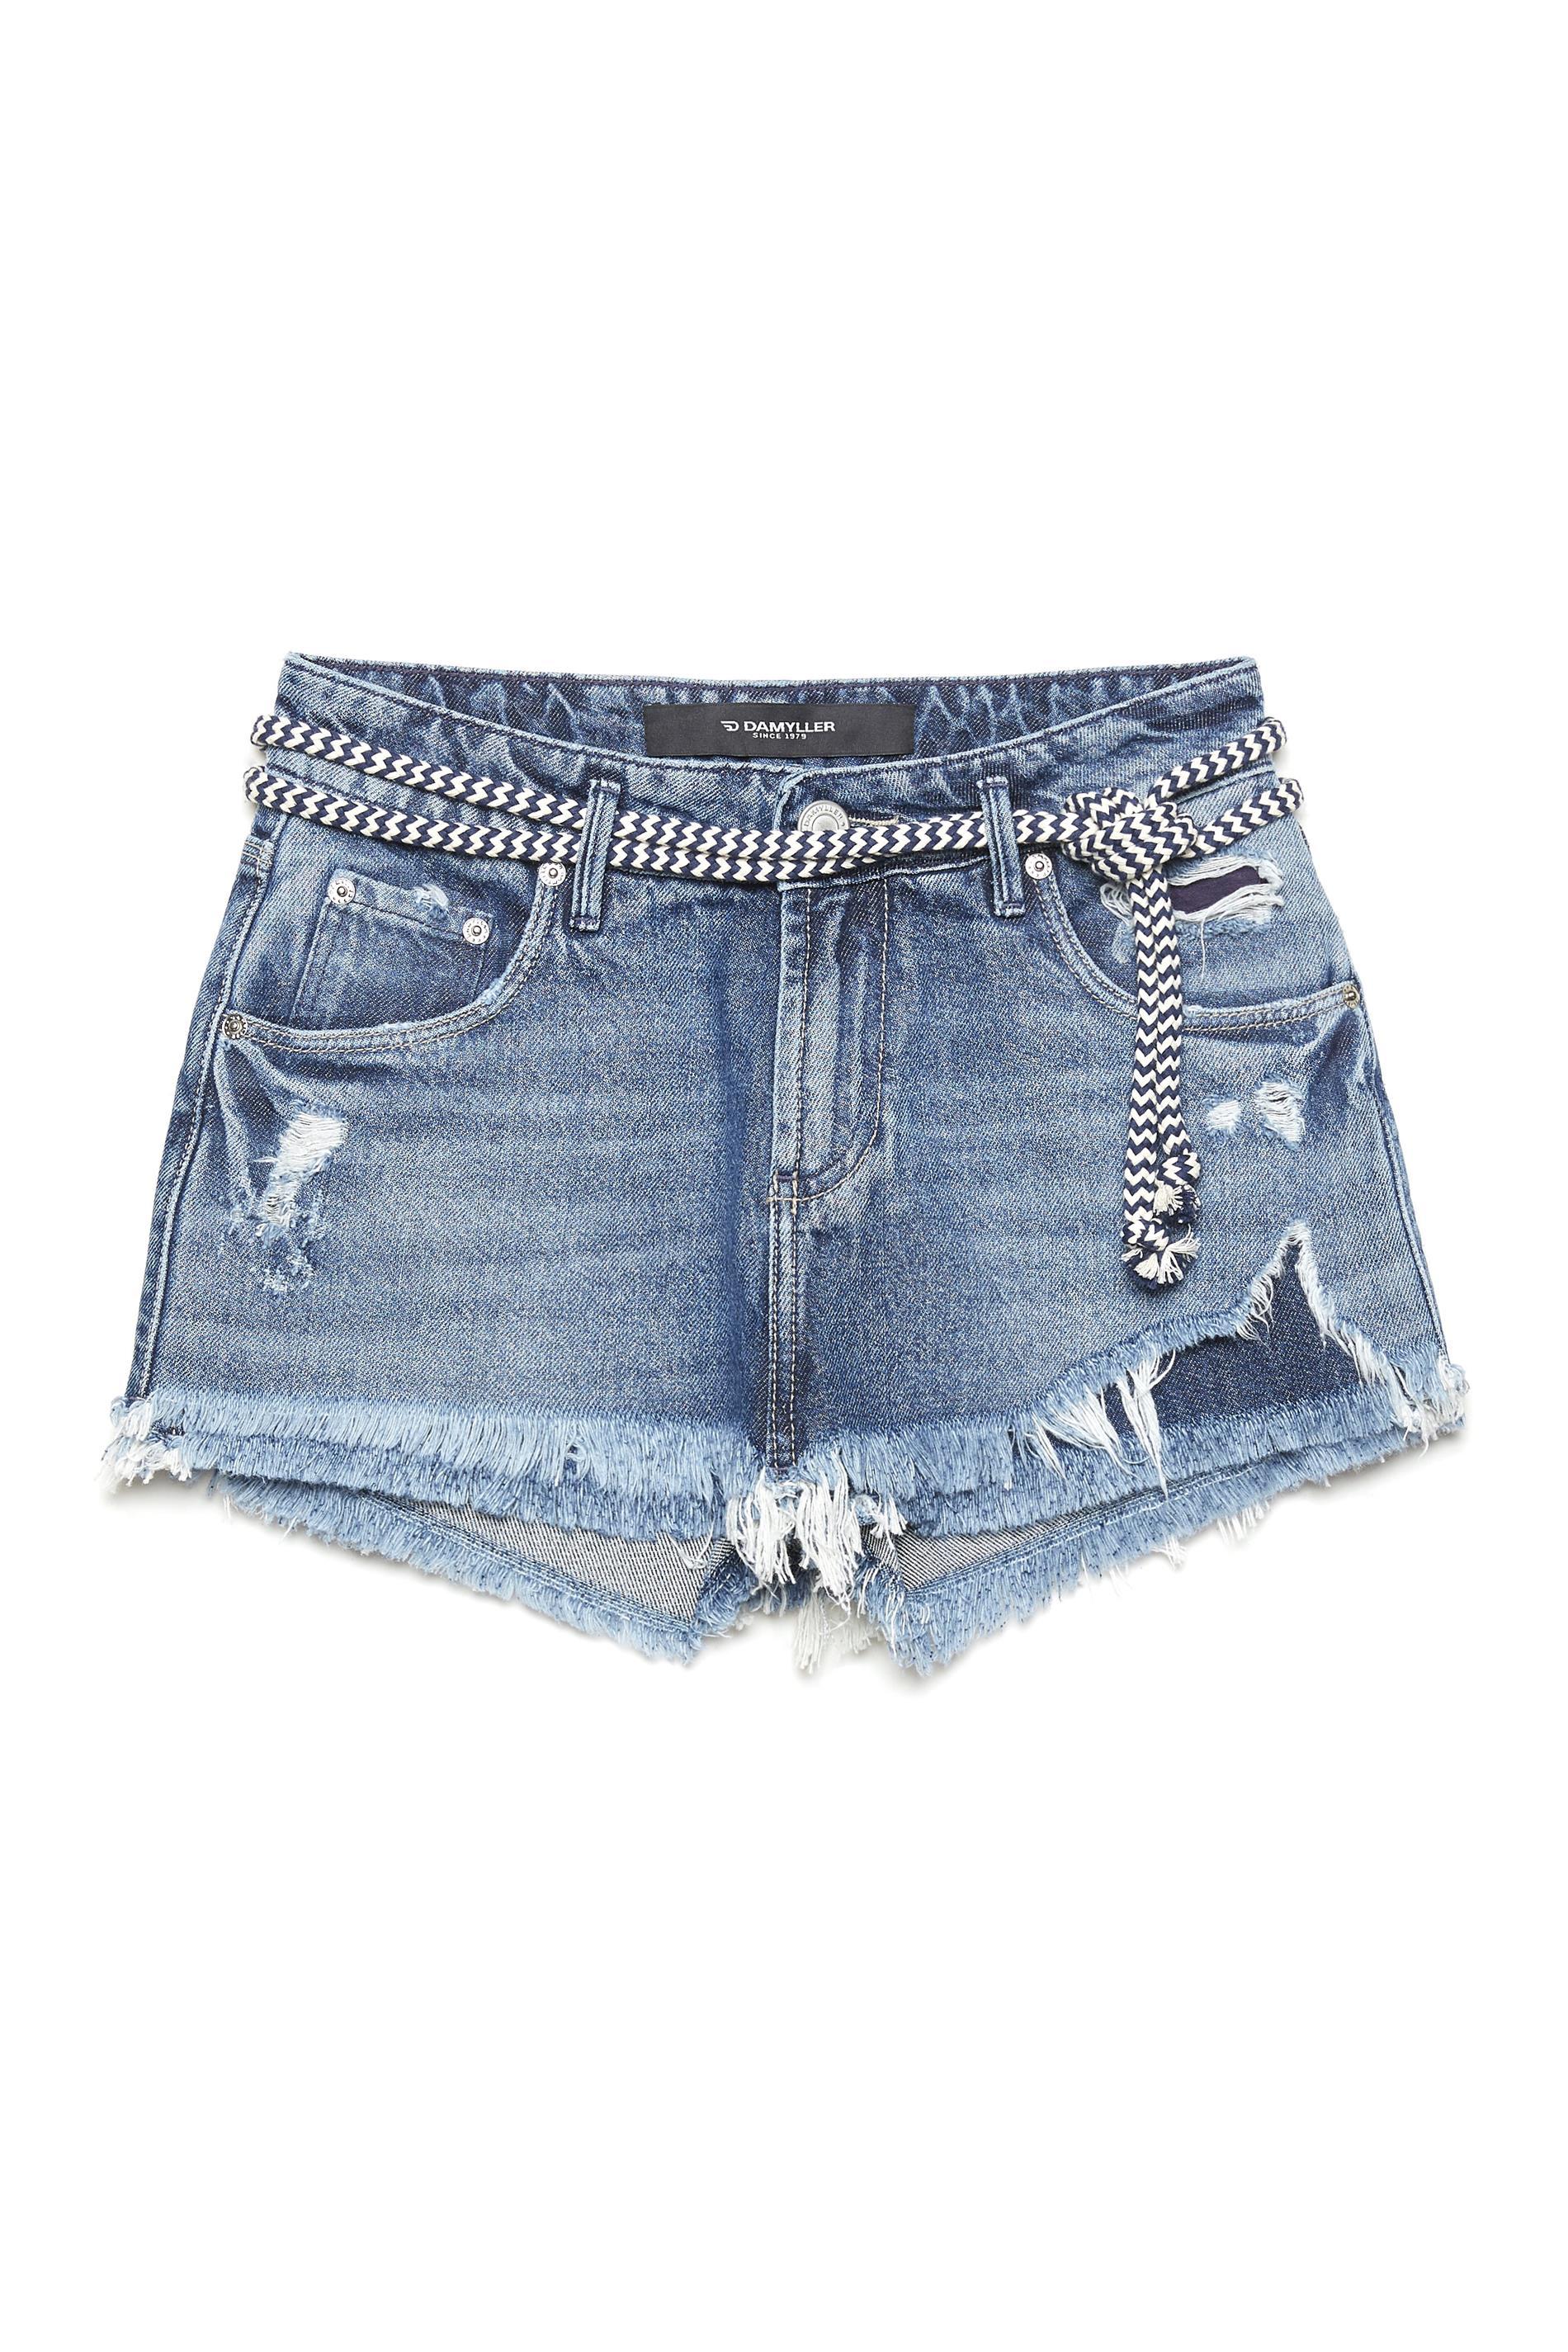 ff8cd8de6 Short Saia Jeans com Cinto de Cordão - Damyller